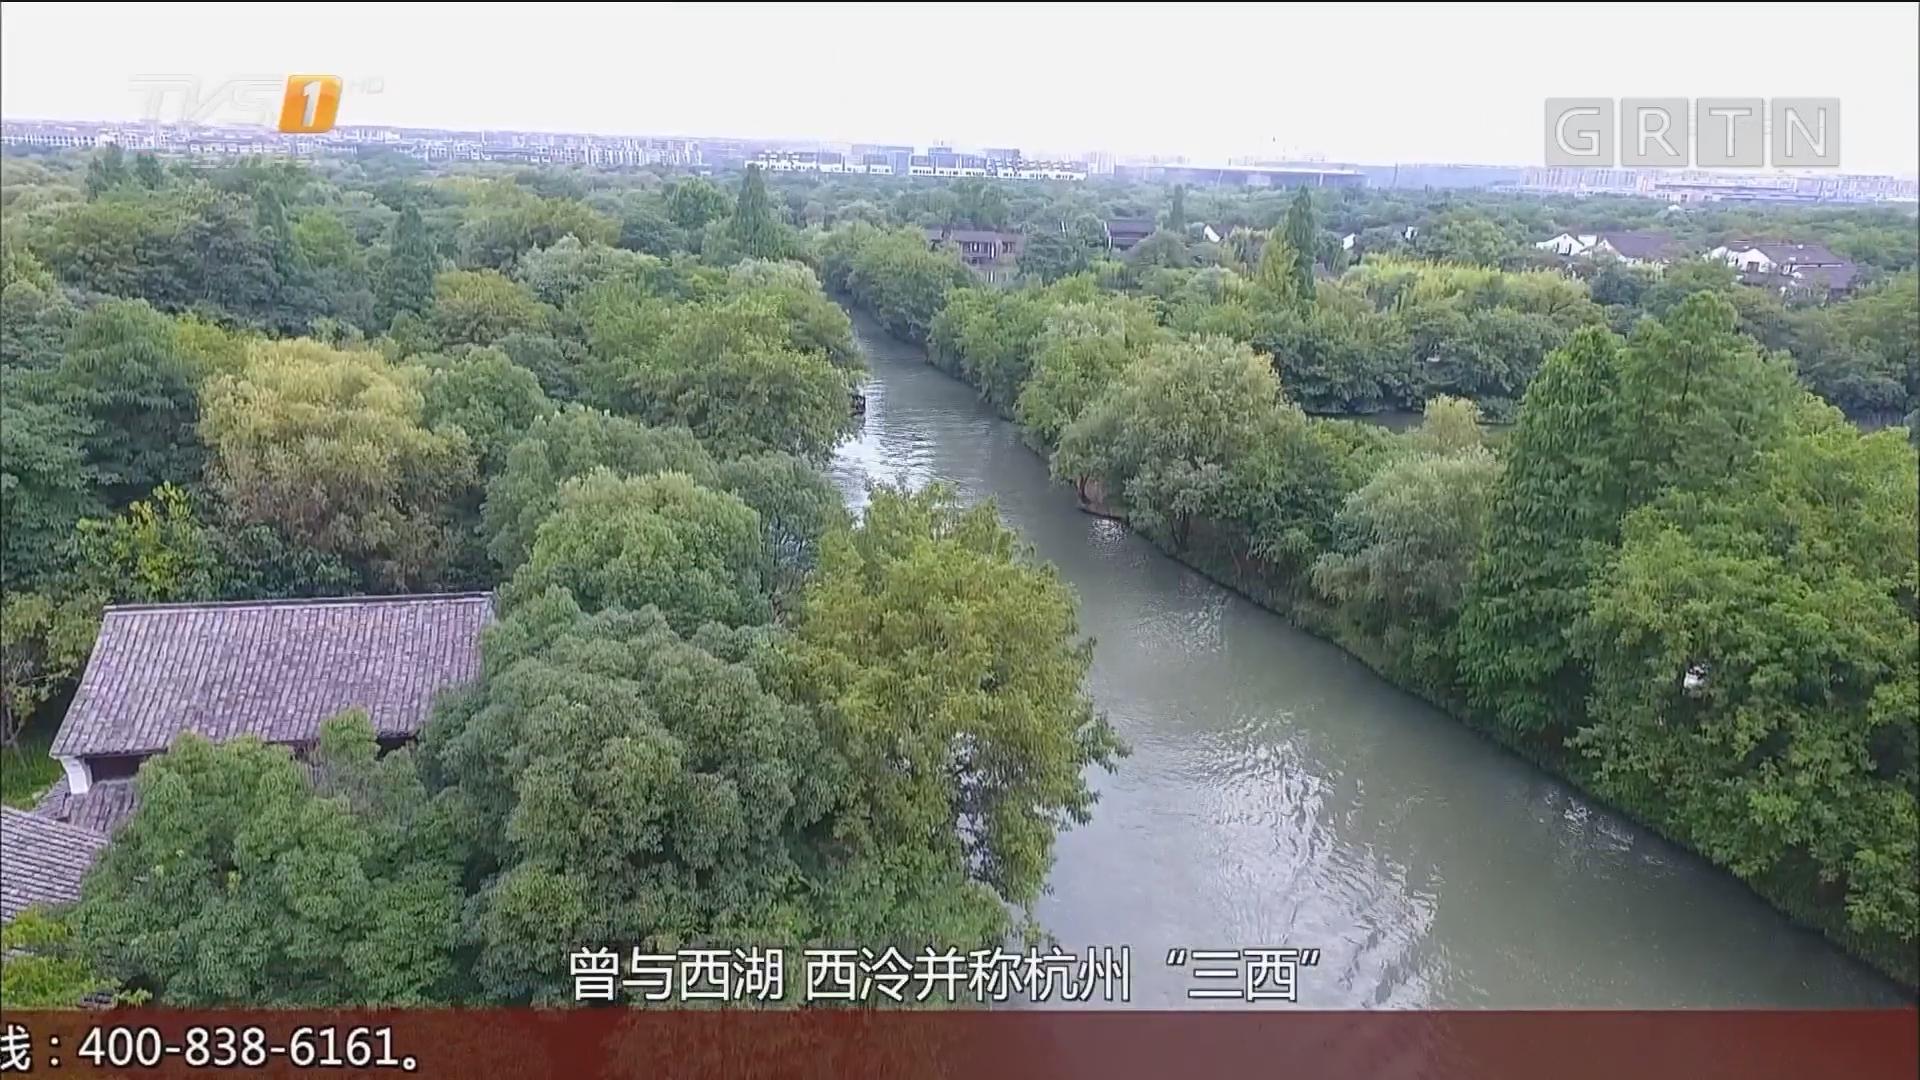 江南——西溪国家湿地公园